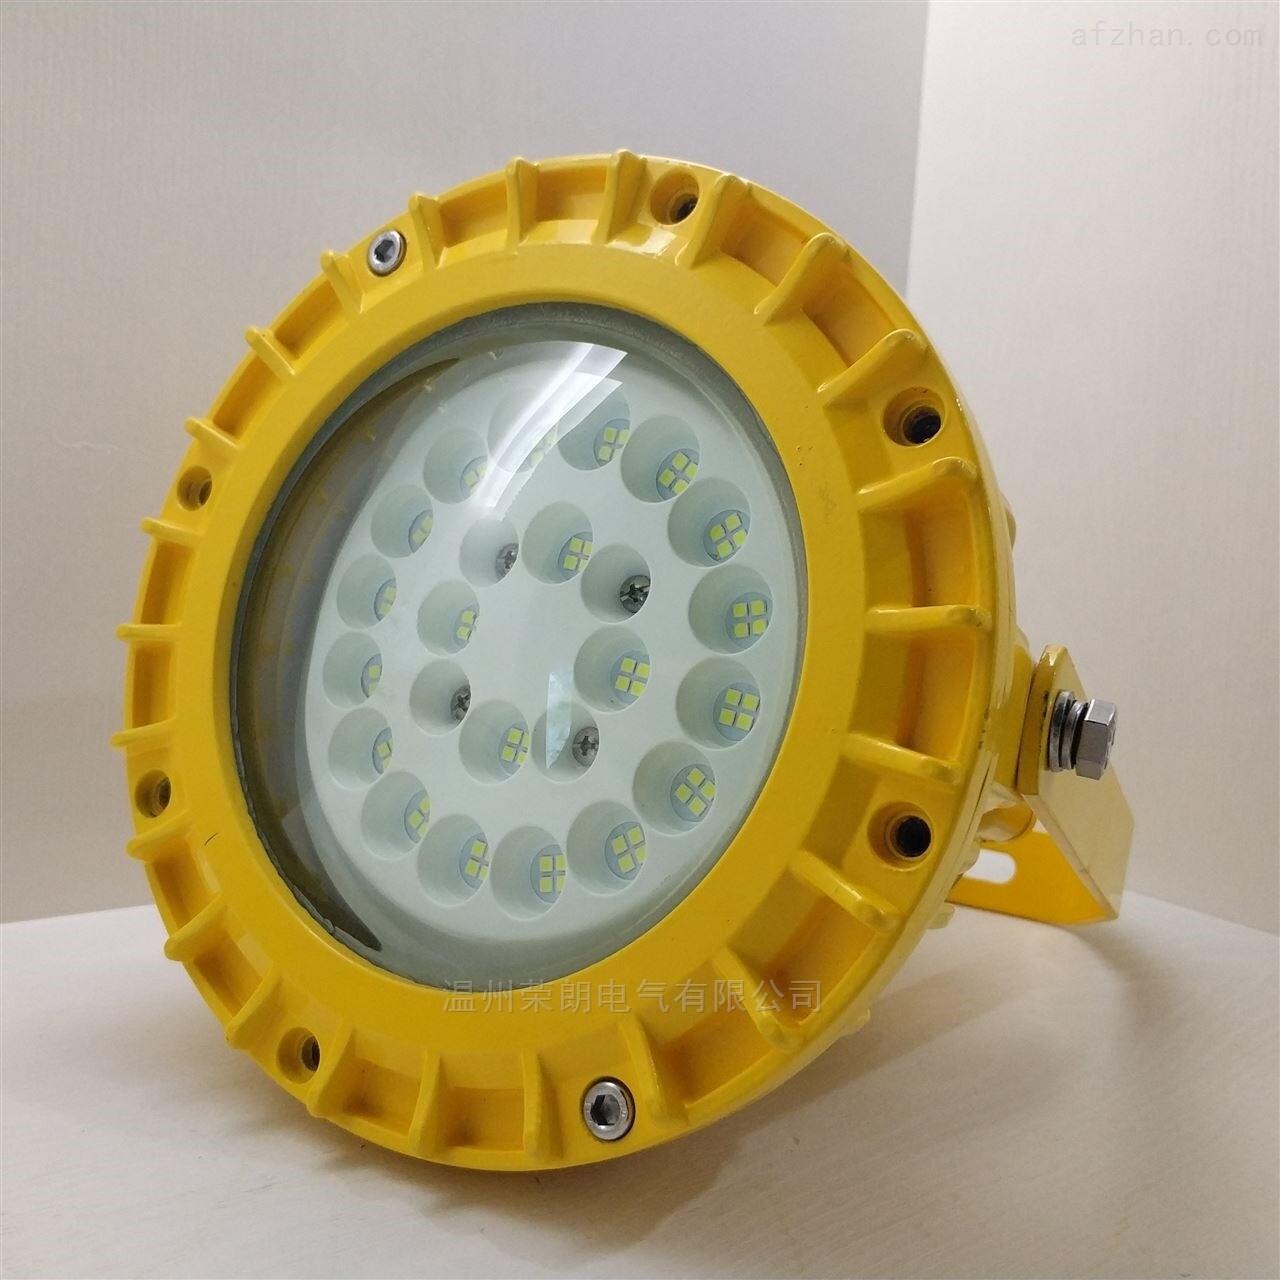 LED防爆泛光灯吸顶式化工厂照明灯RLB155